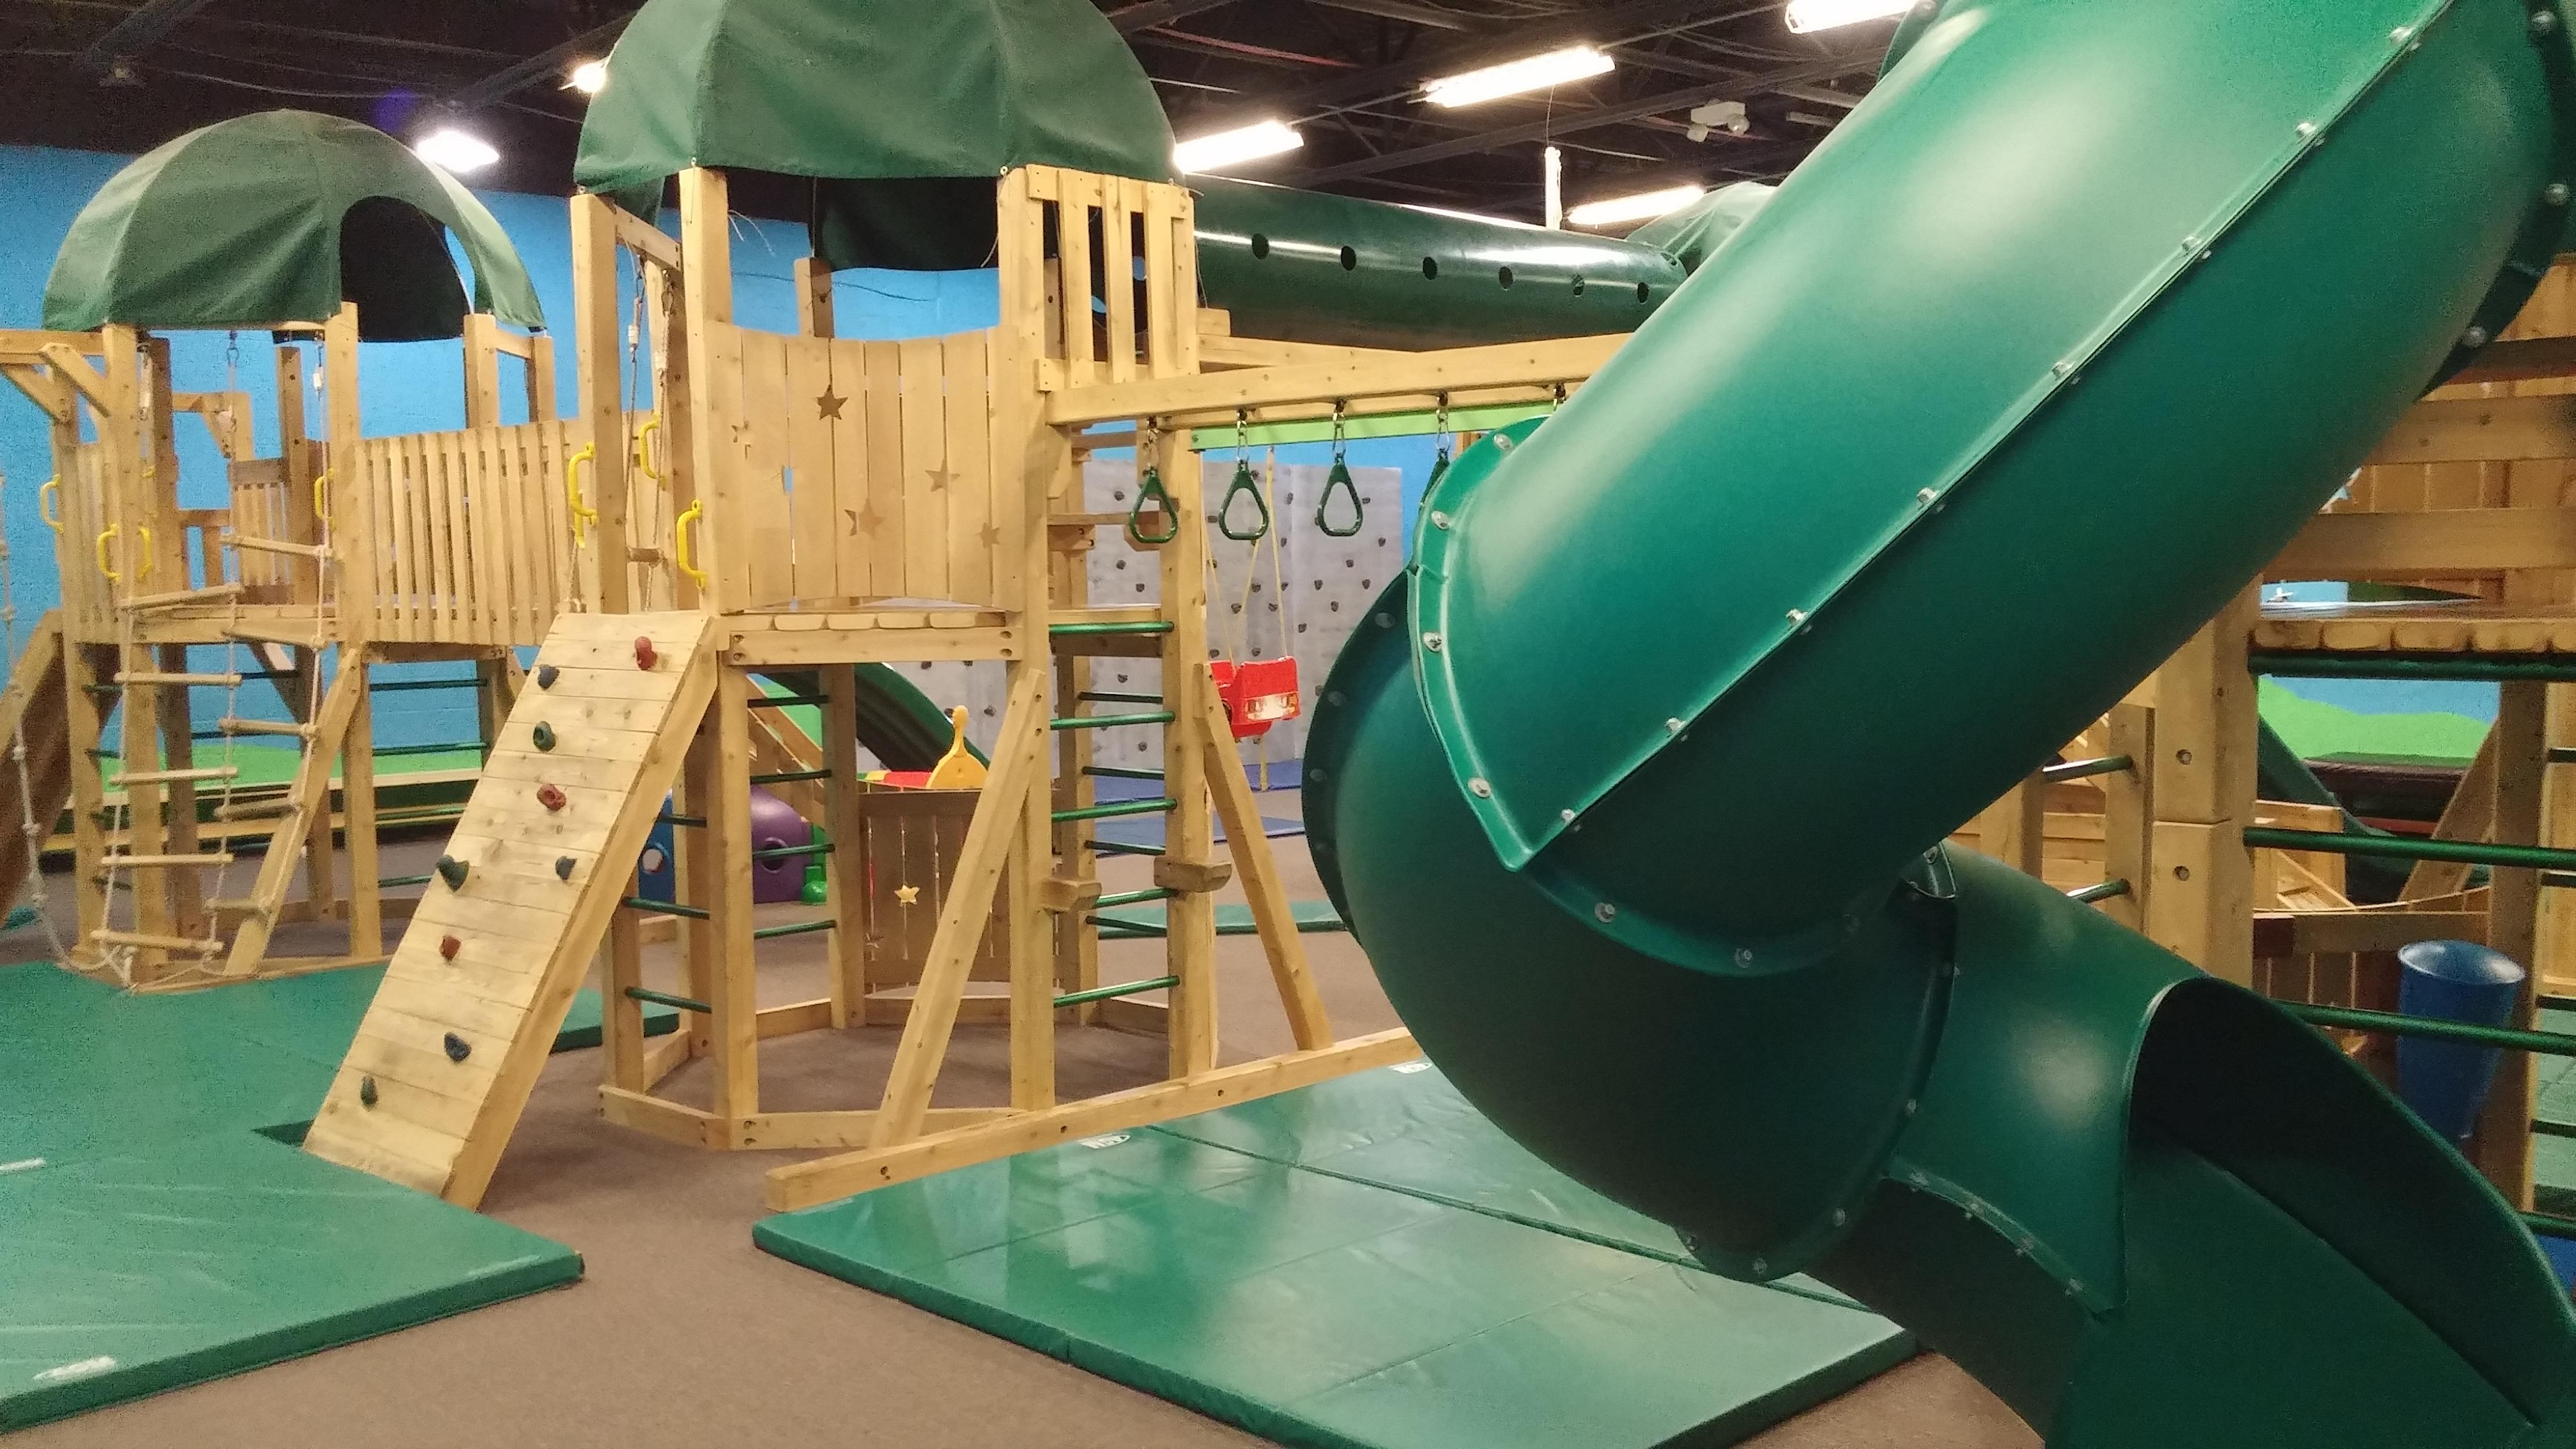 Maryland Kids Activities, Baltimore Kids Attractions - Kiddie Crusoe ...